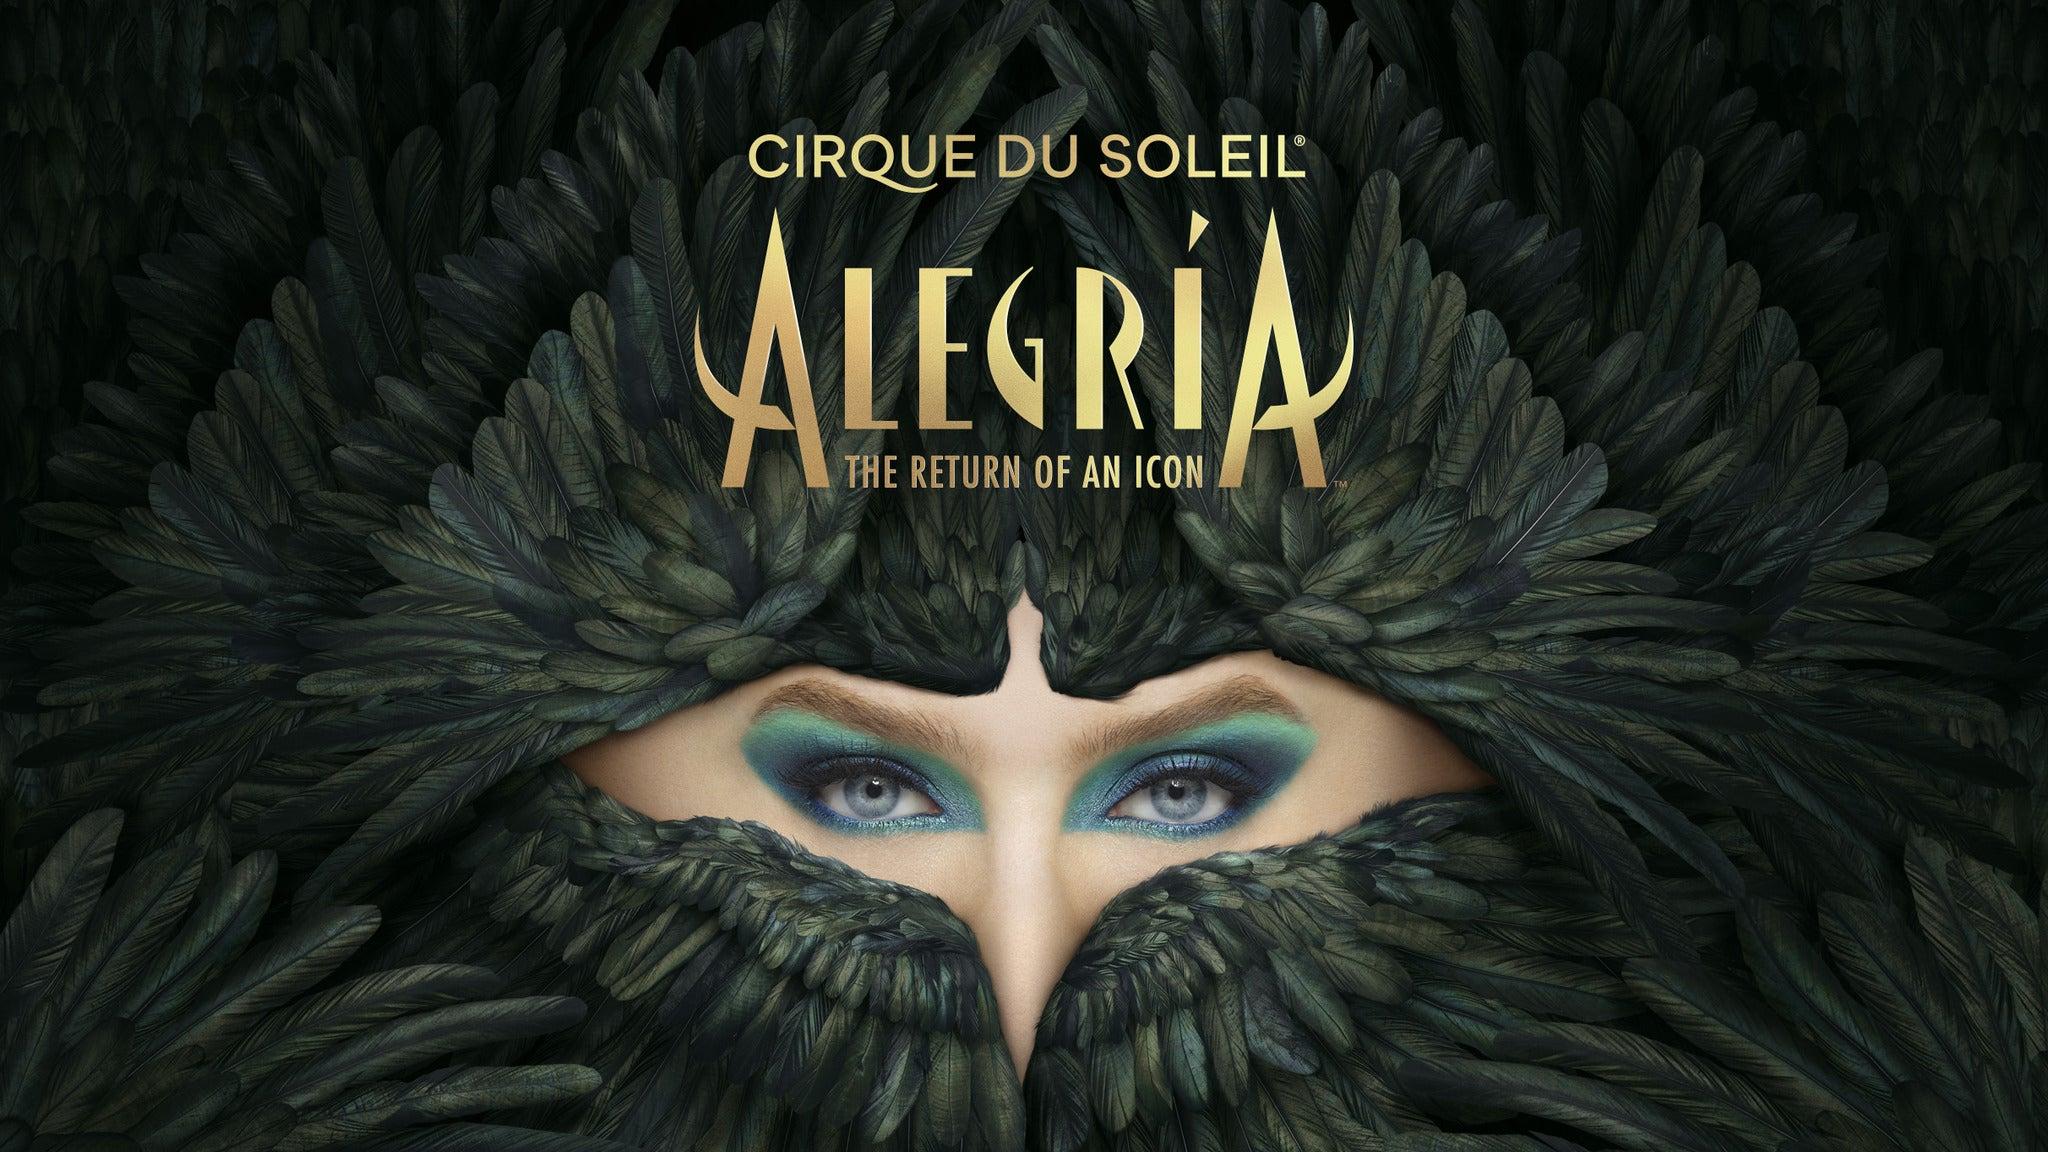 Cirque du Soleil : Alegria at Hard Rock Stadium